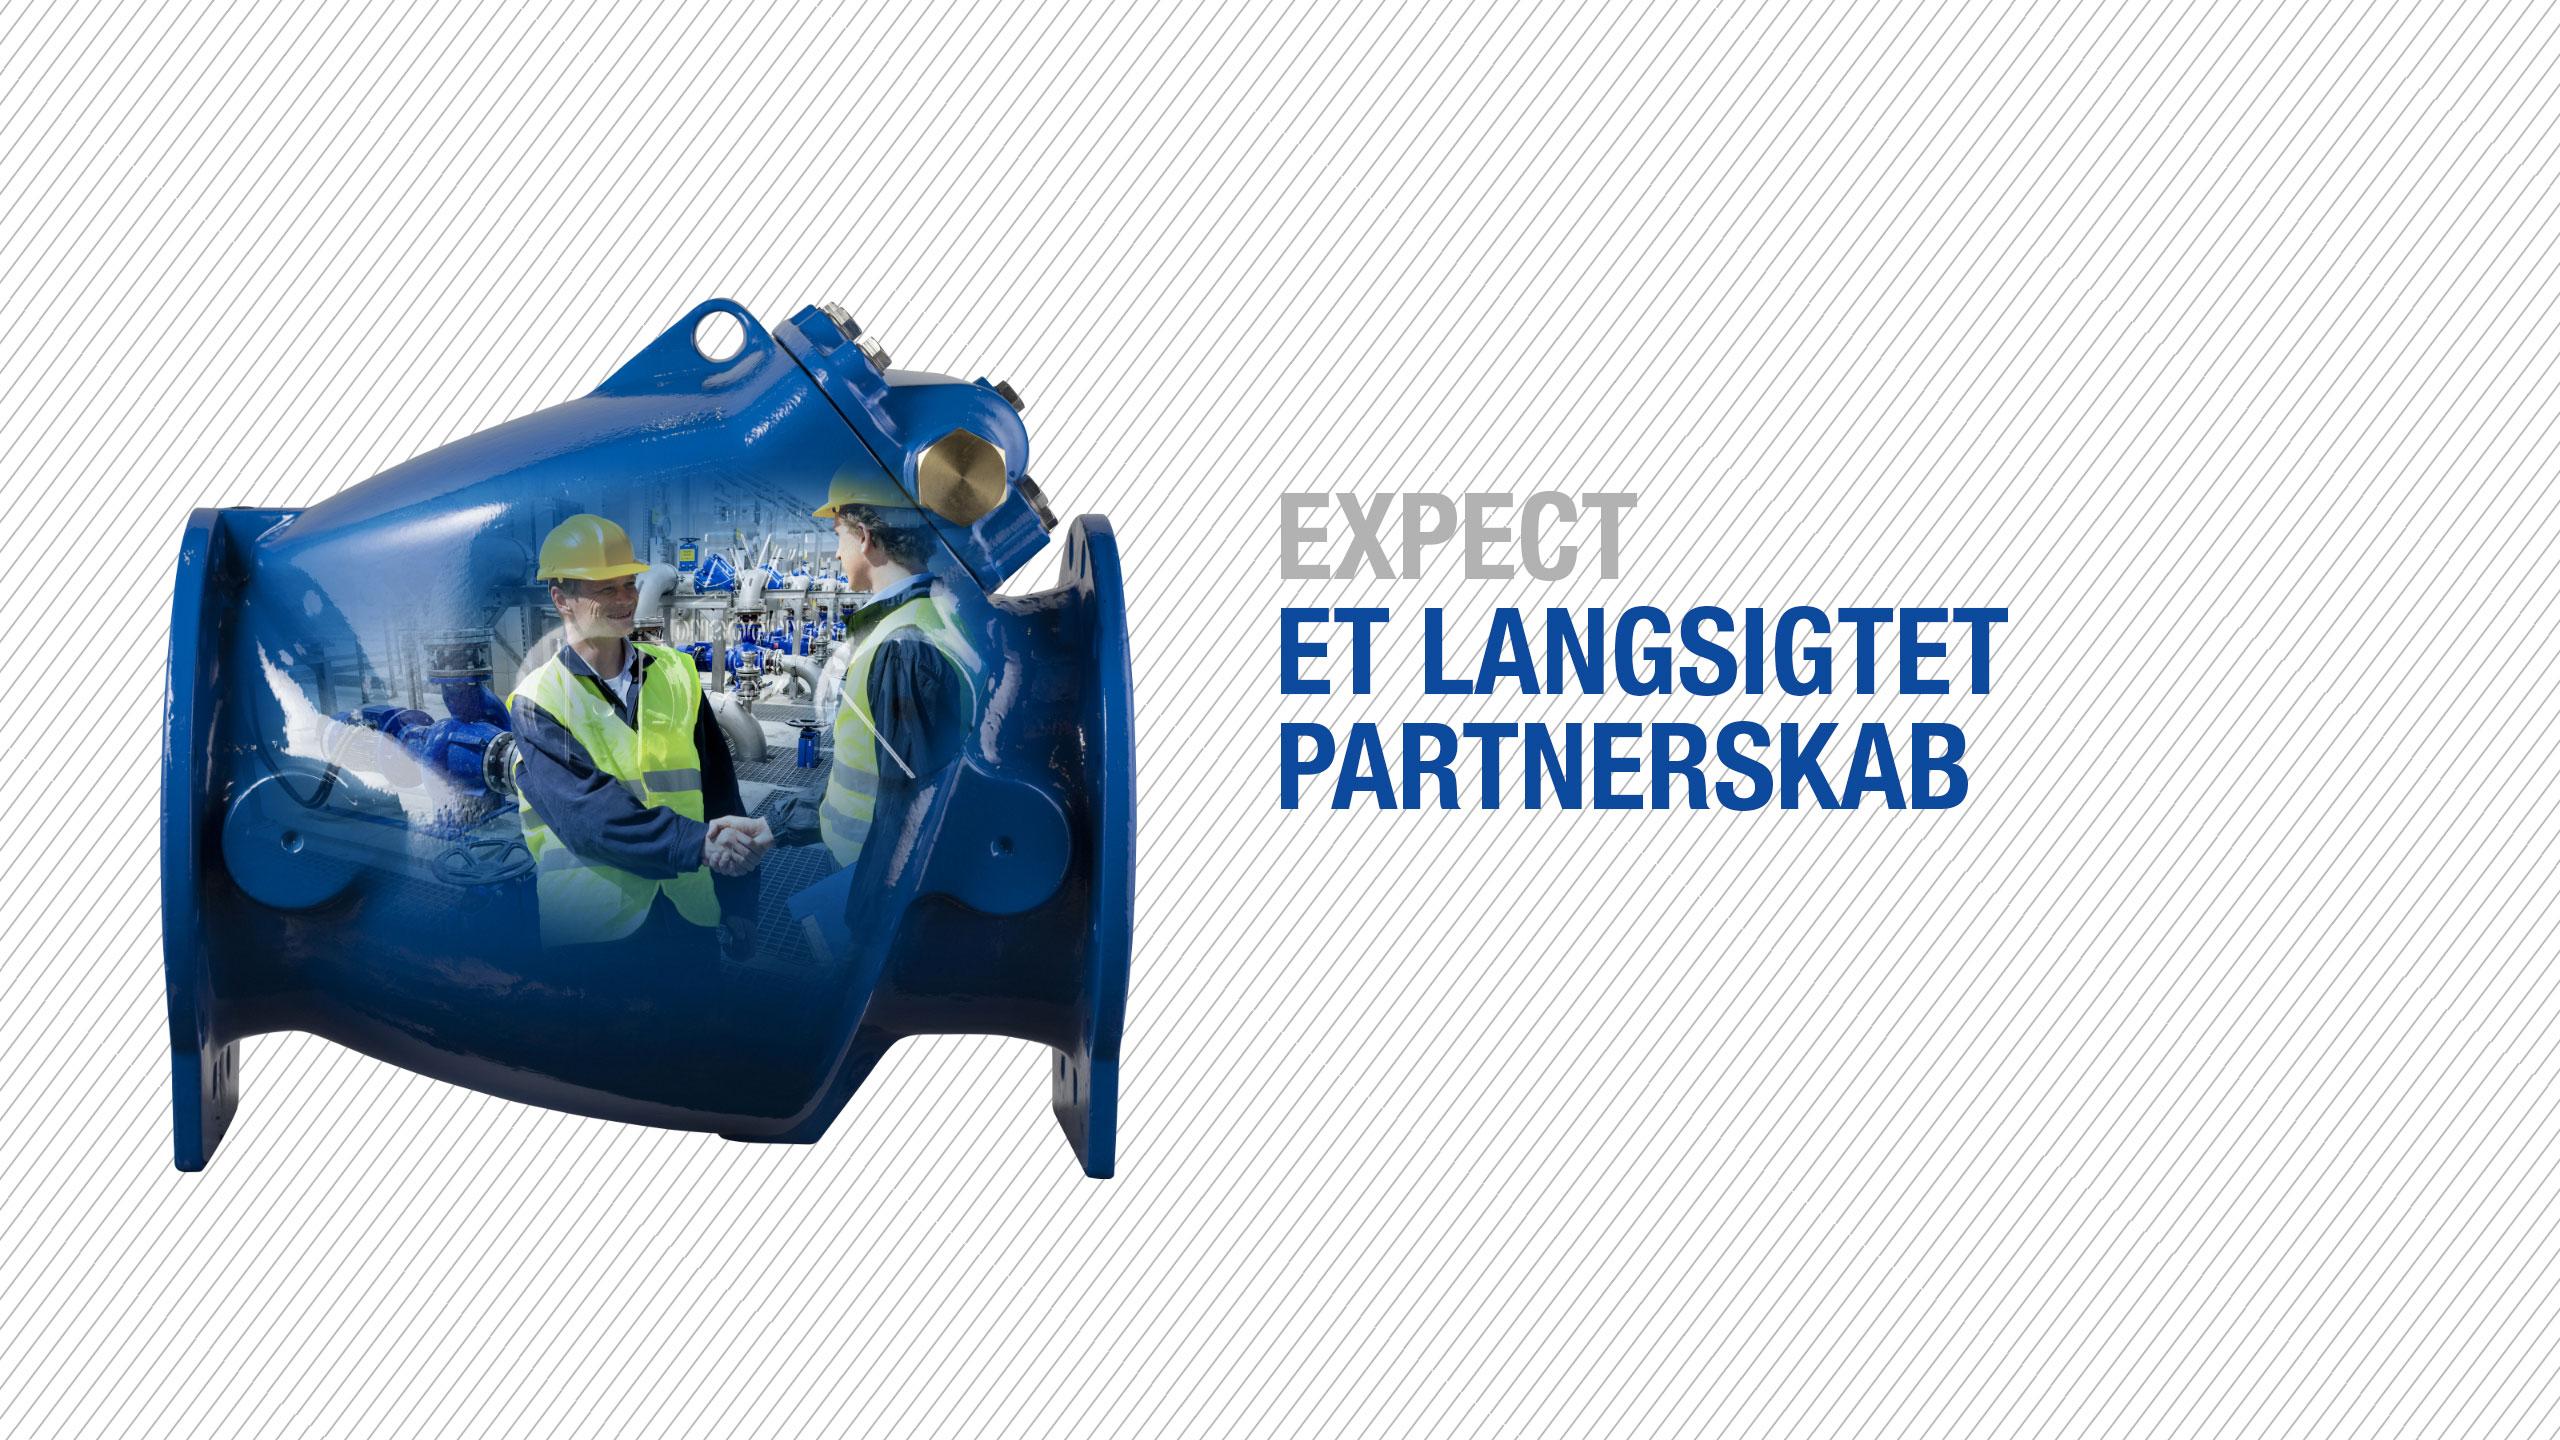 Expect... forvent et langsigtet partnerskab